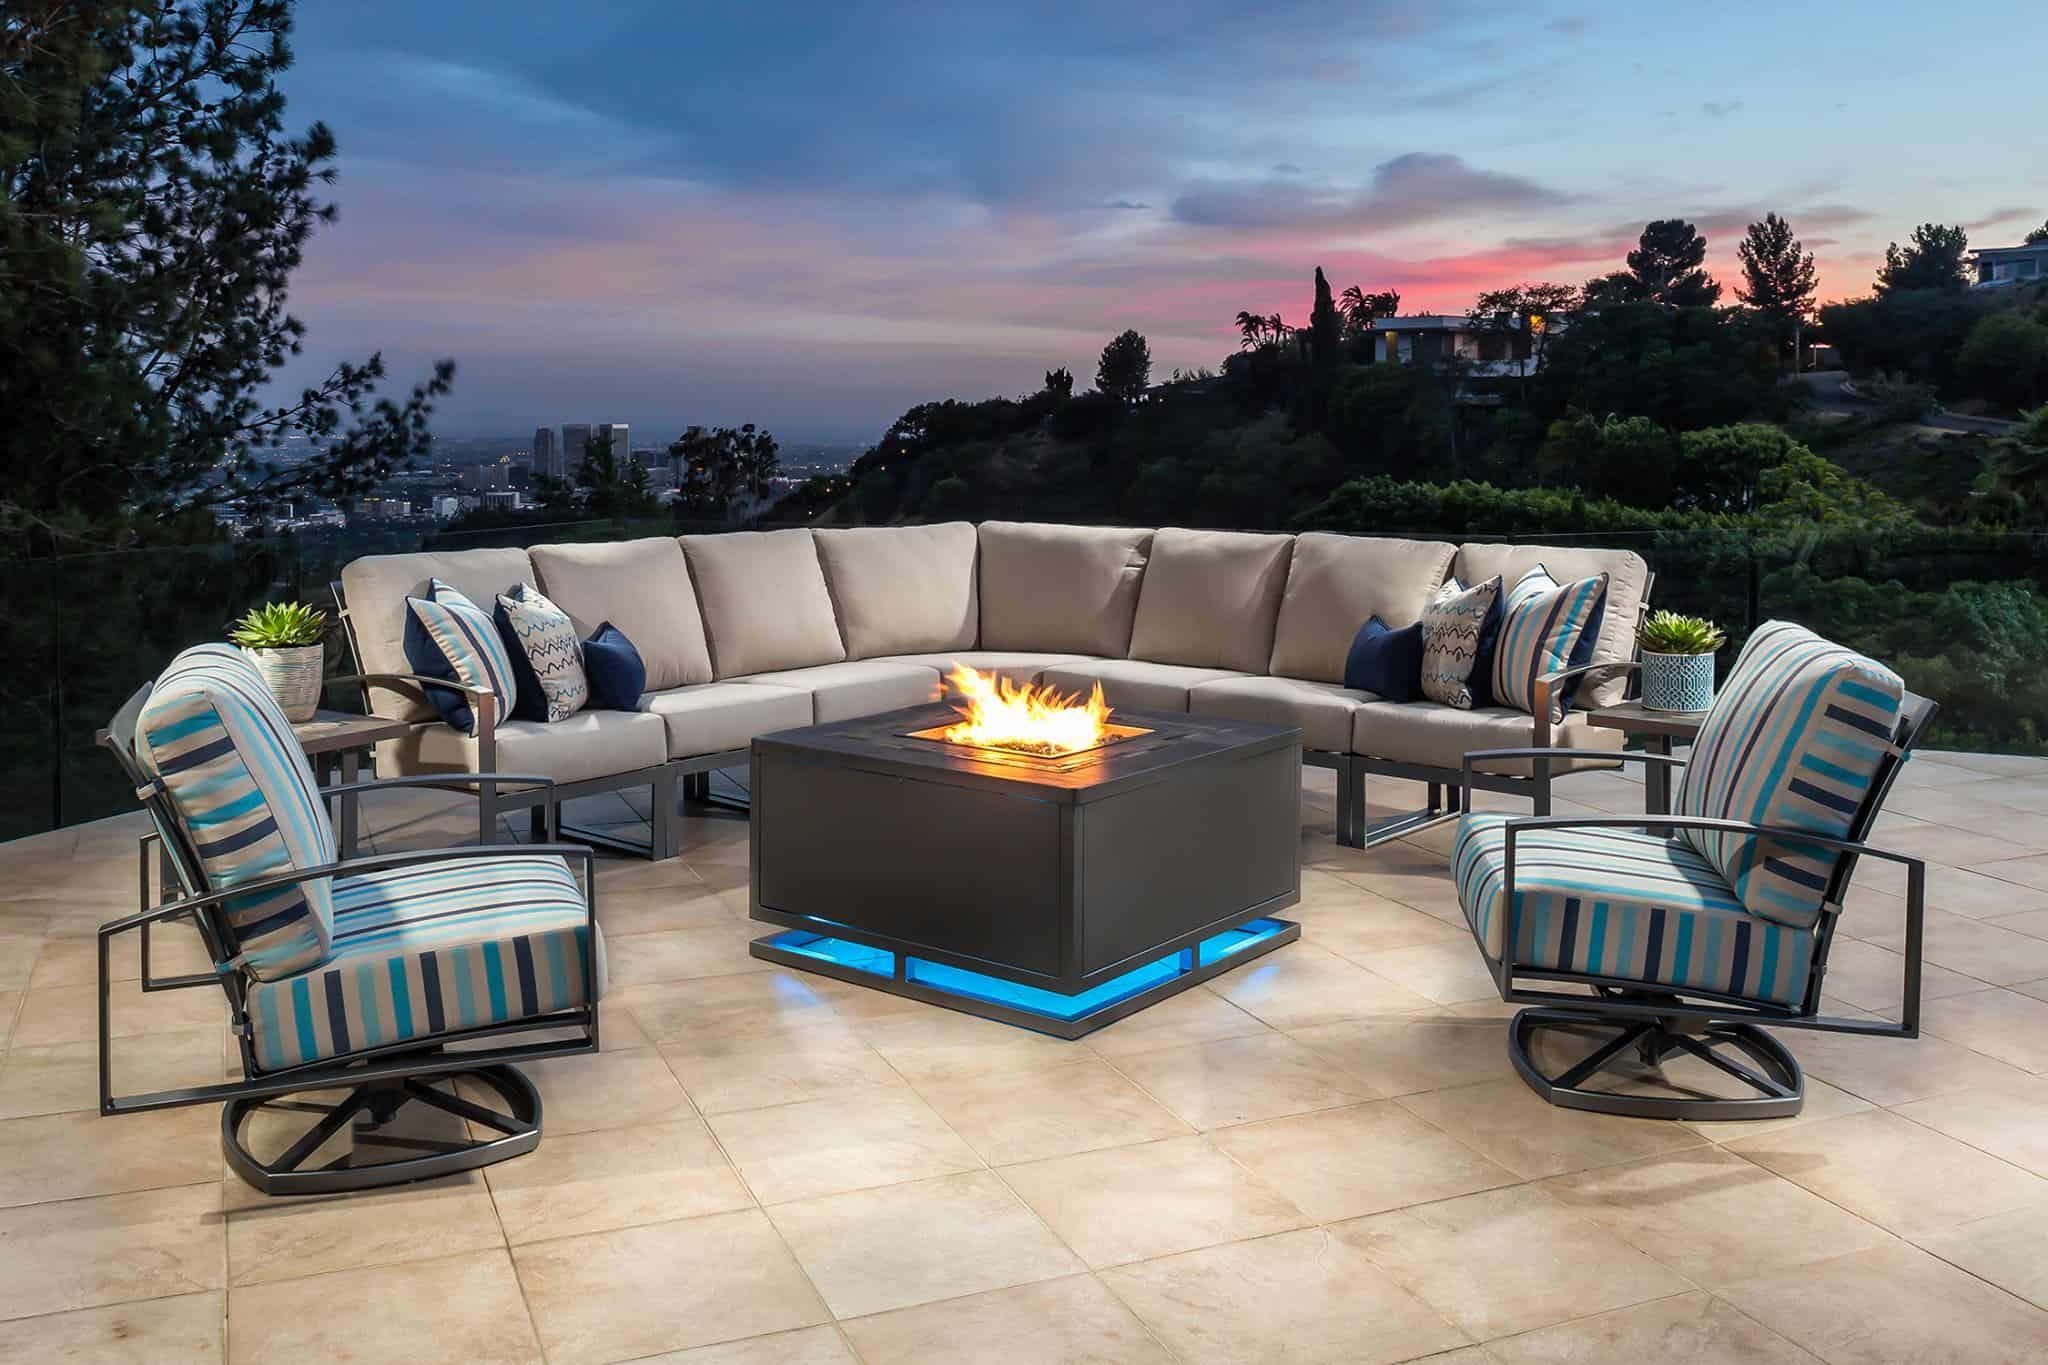 Sunnyland Patio Furniture Interior Design